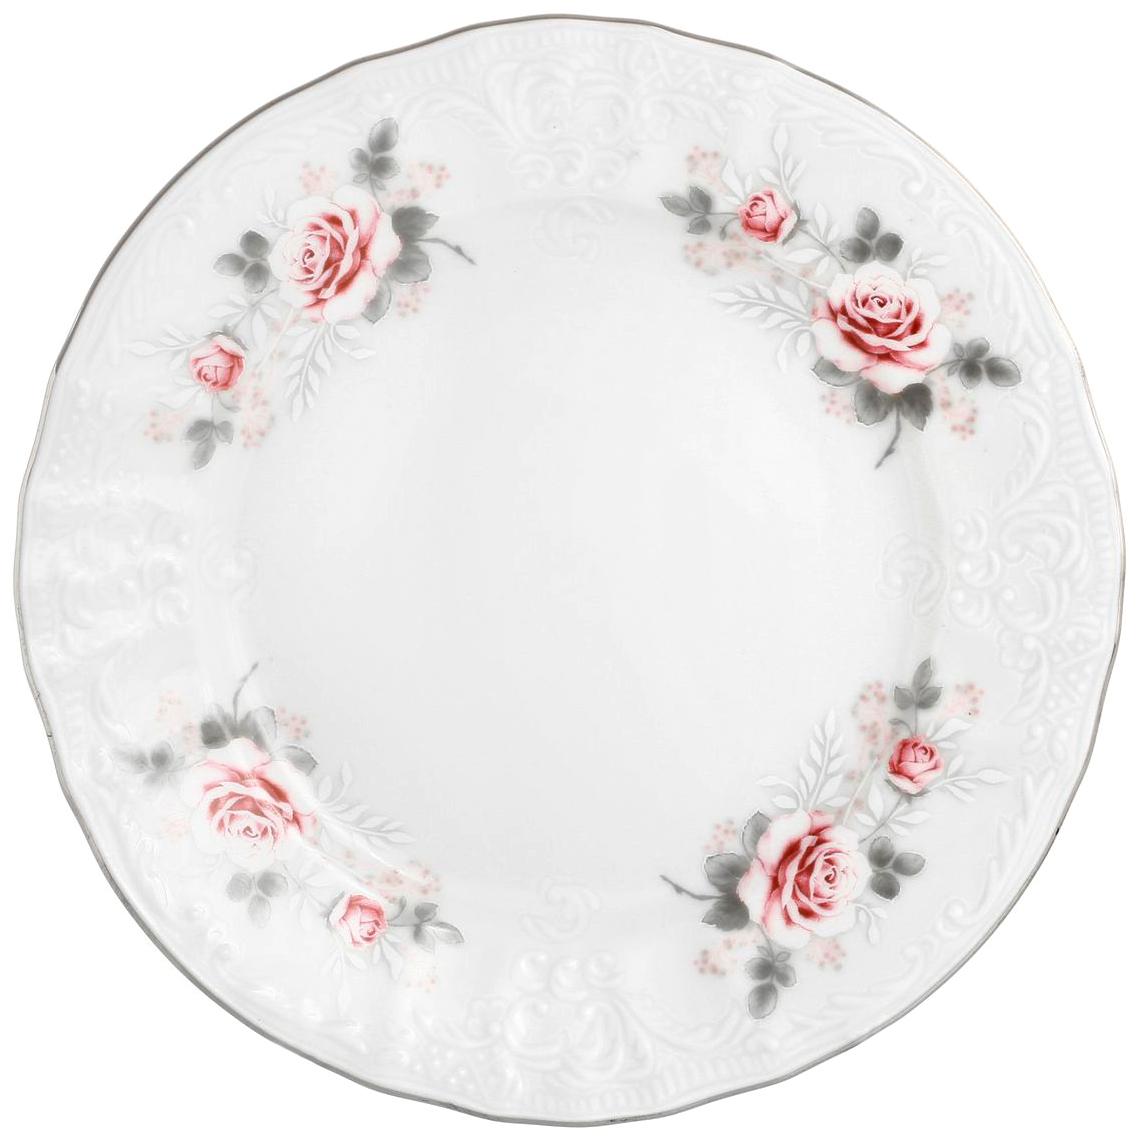 Набор десертных тарелок Bernadotte Бледные розы 17 см 6 шт недорого